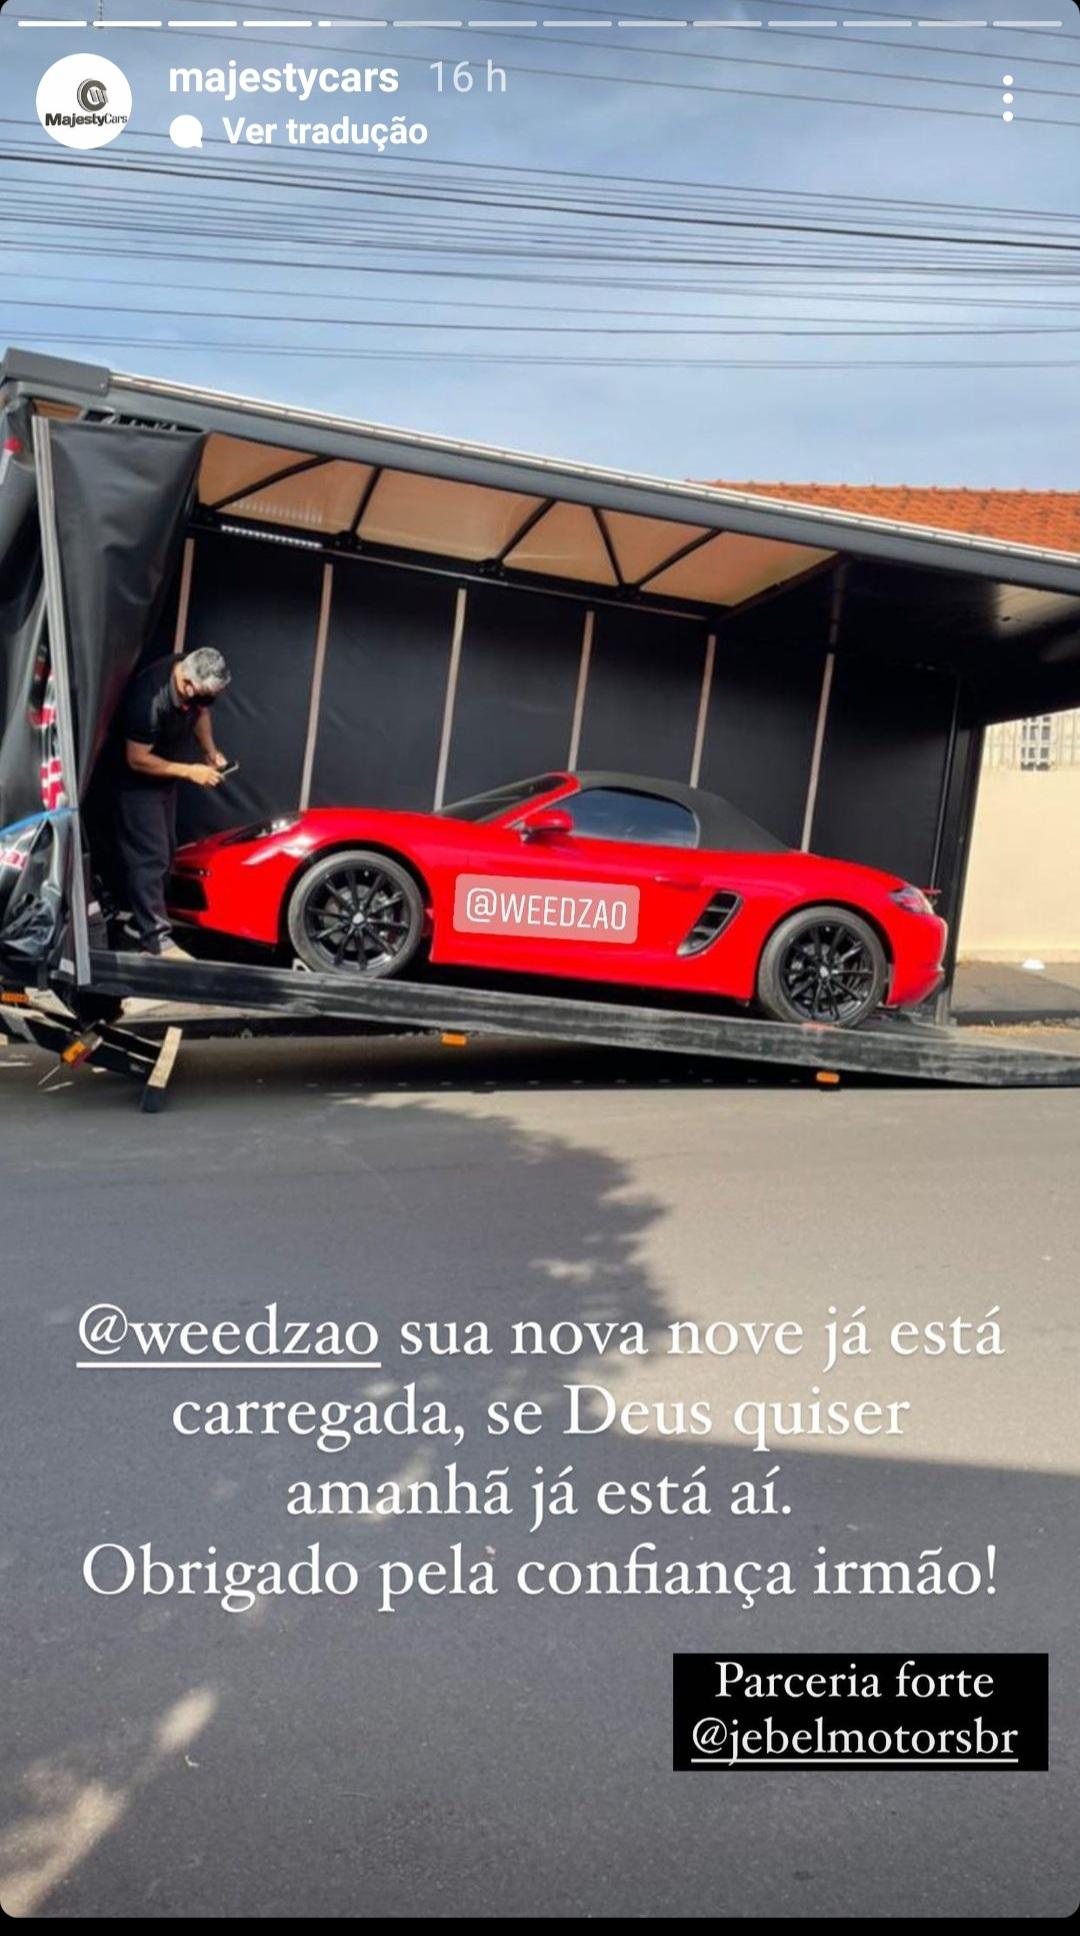 Novo Carro Weedzão